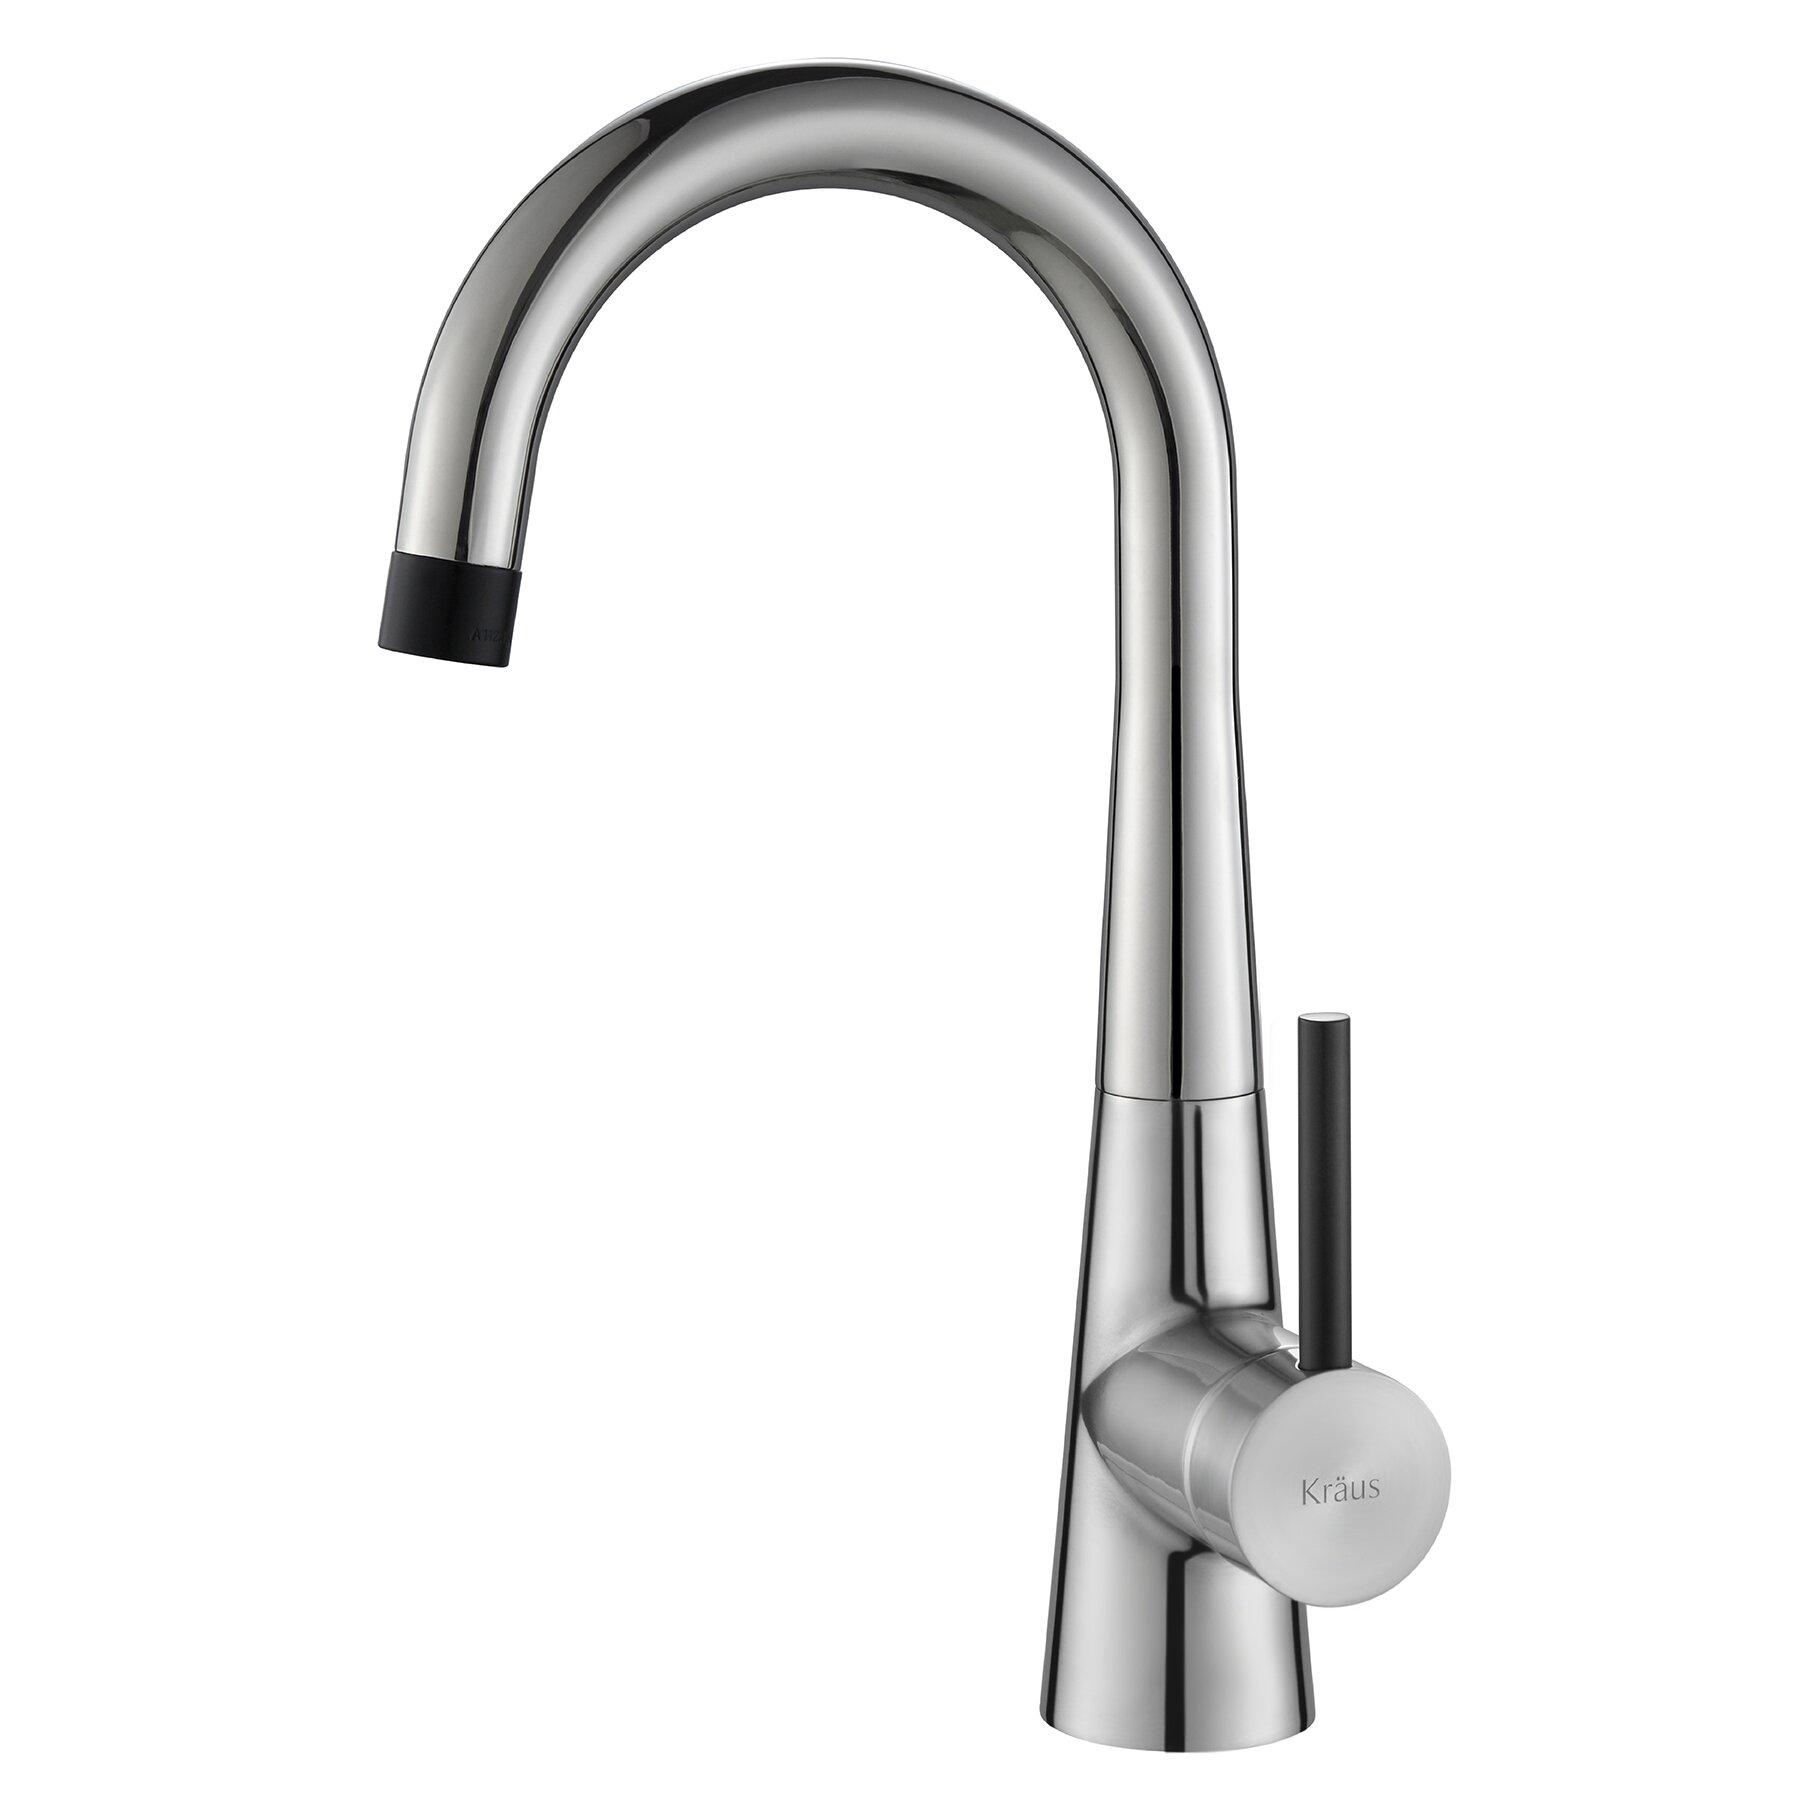 Kraus crespo flex commercial style kitchen bar prep for Faucet soap dispenser placement